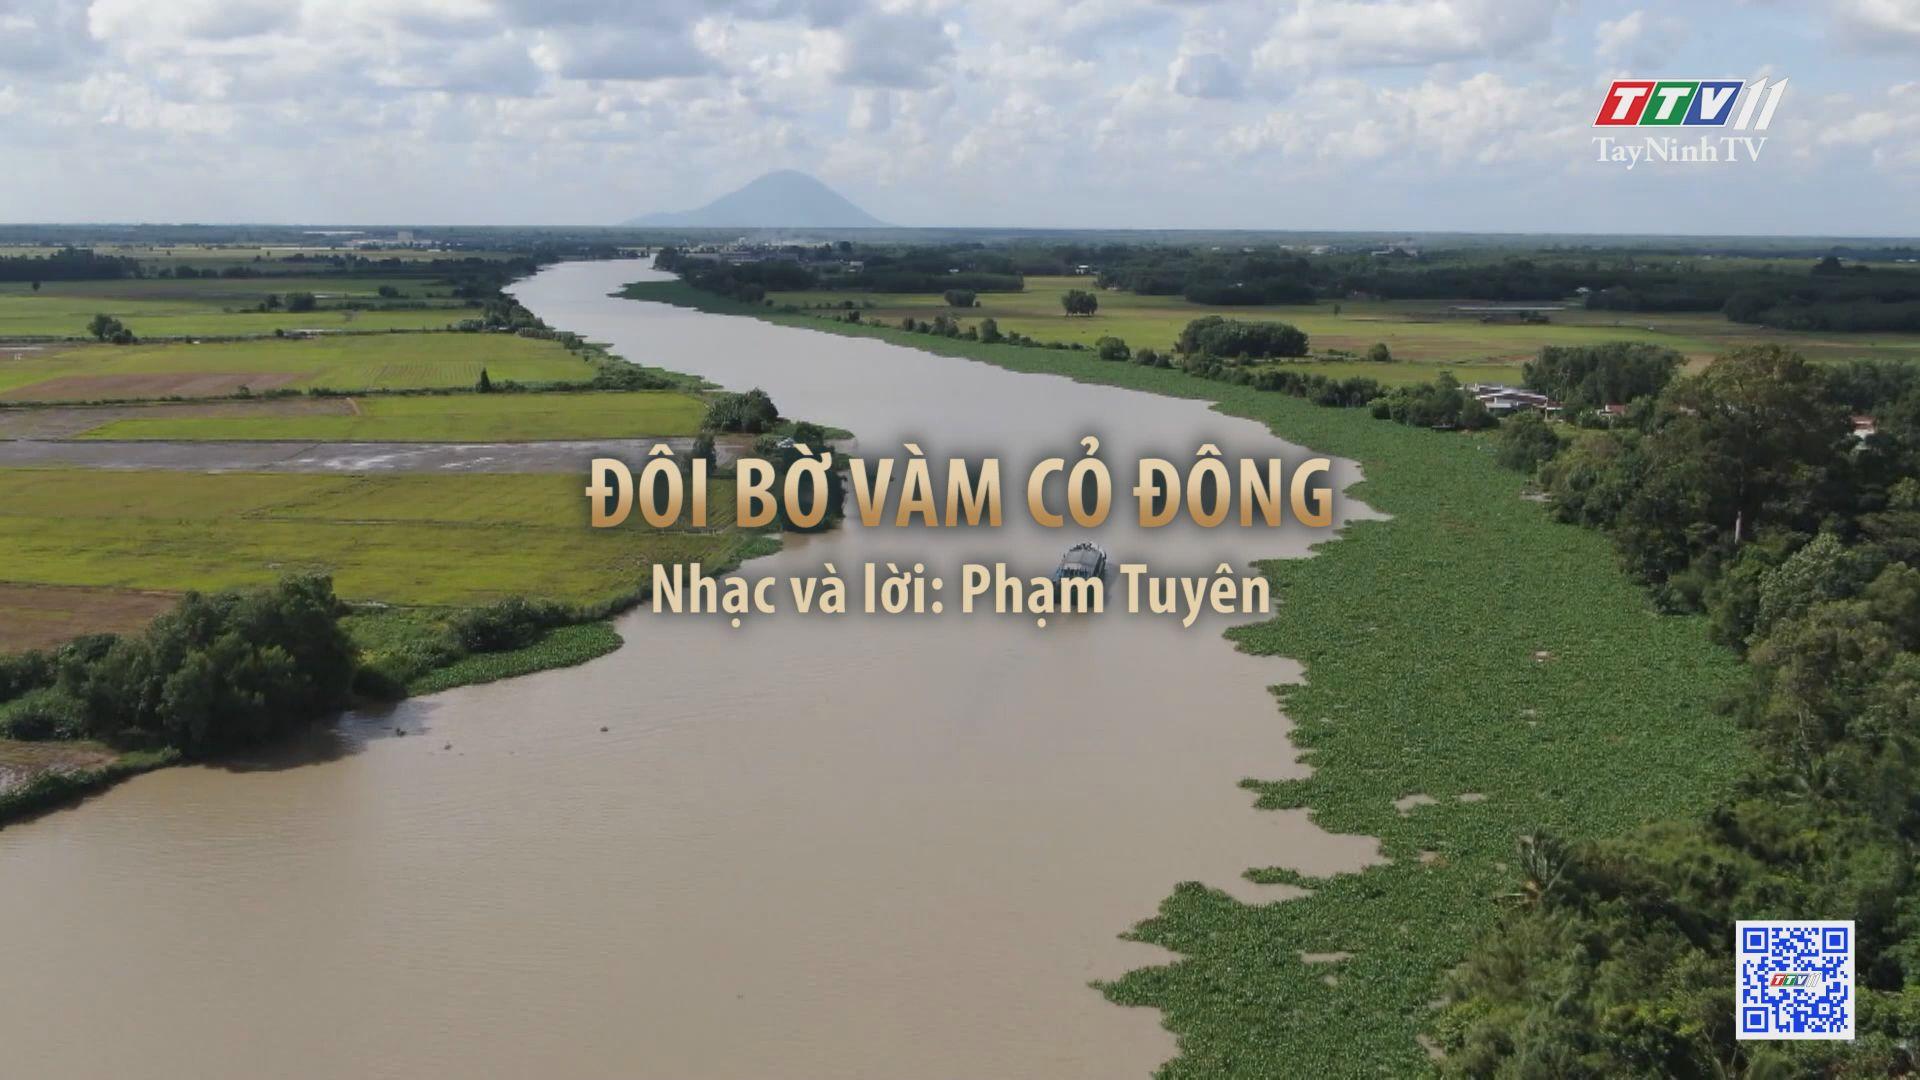 Đôi bờ sông Vàm Cỏ Đông | Tuyển tập karaoke Tây Ninh tình yêu trong tôi | TayNinhTV